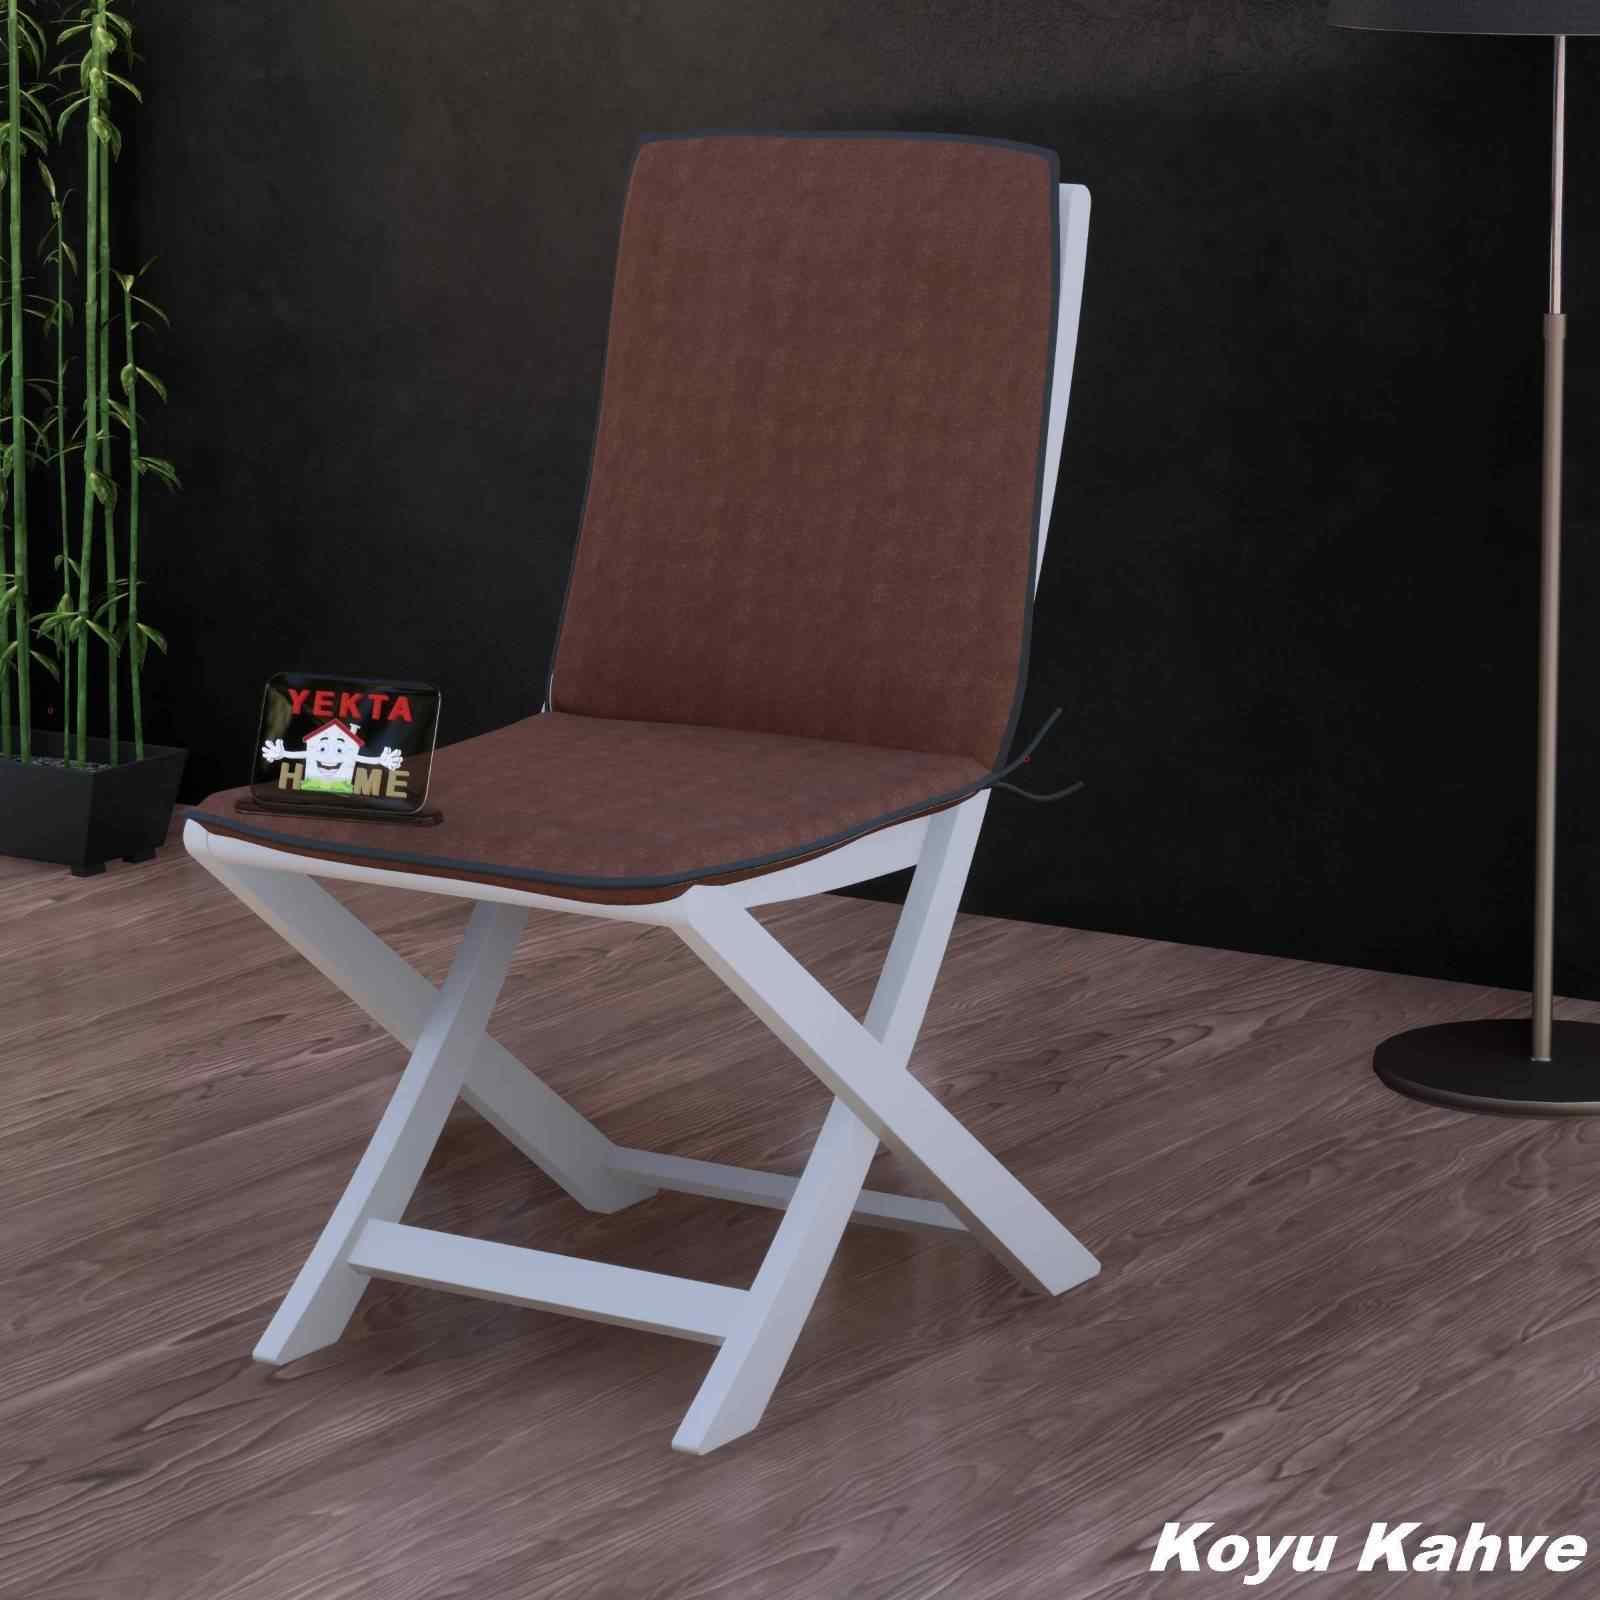 Sırtlı Sandalye Minderi - Arkalıklı Rattan Koltuk Minderi 6 Adet Koyu Kahve